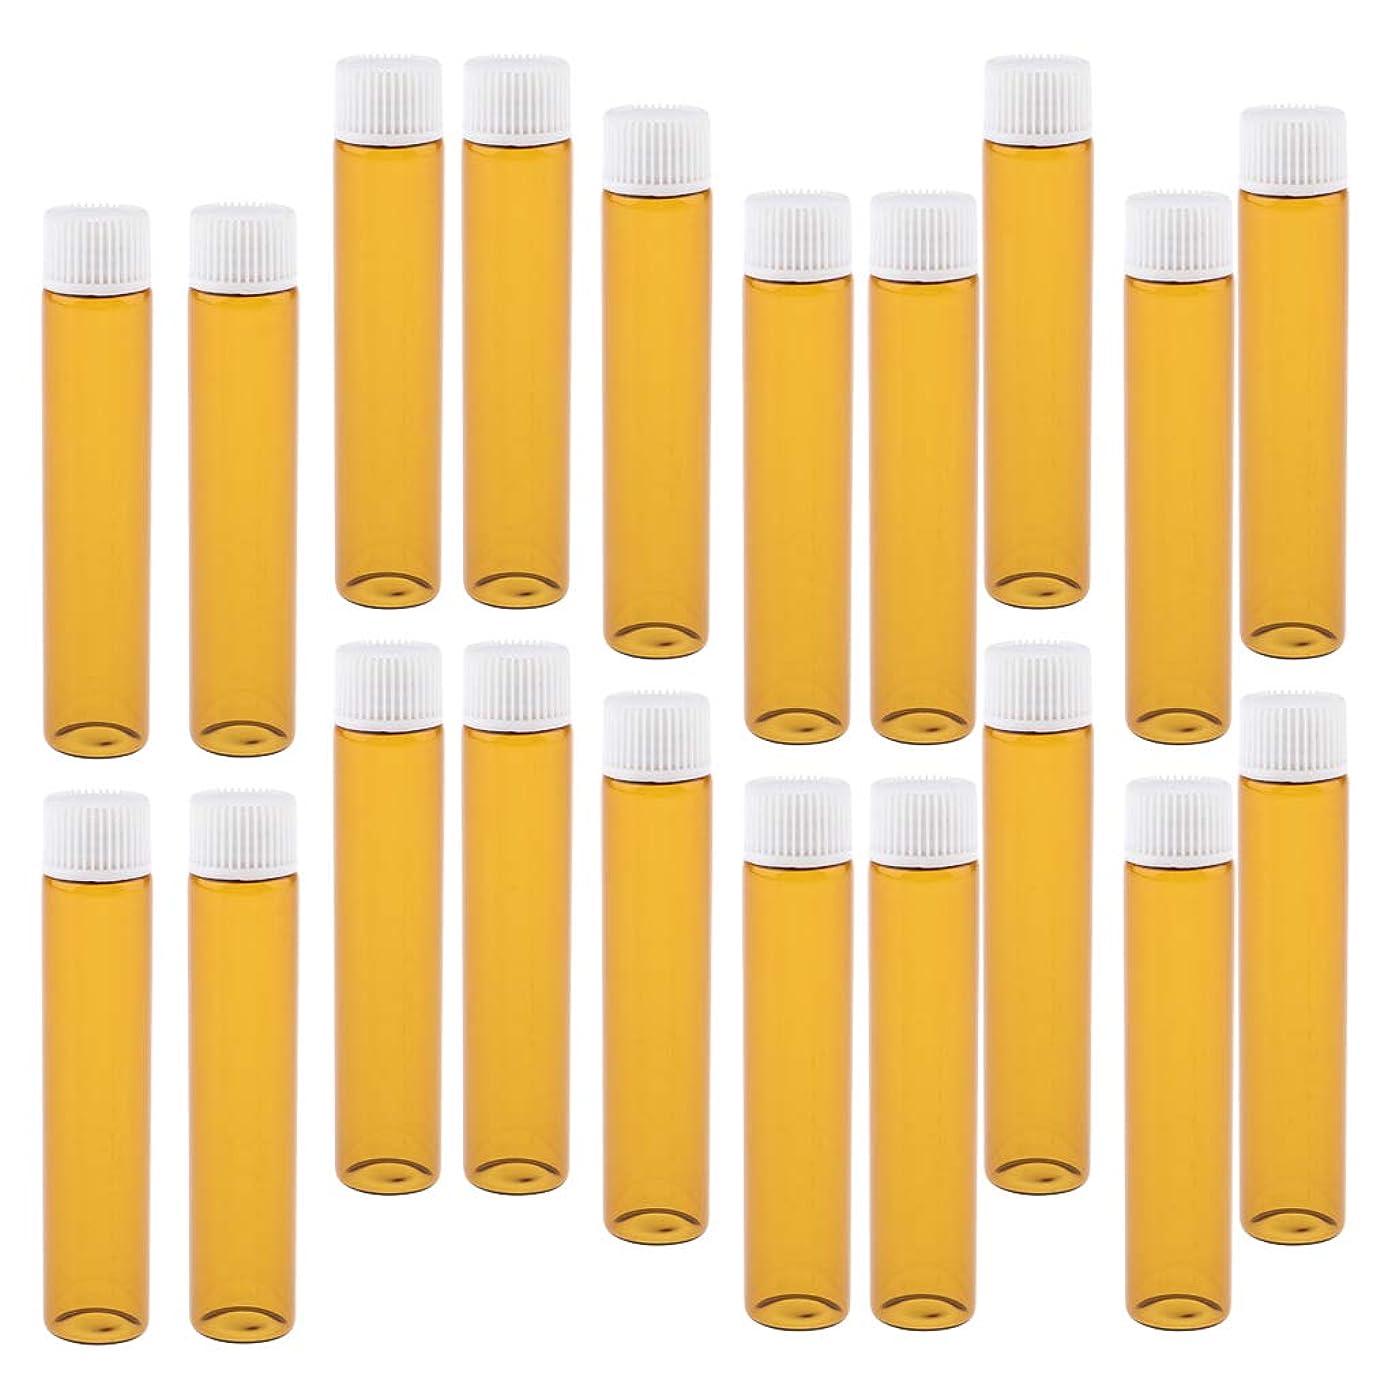 幽霊ホームエーカーT TOOYFUL 20個 ガラスボトル 香水ボトル 詰替え容器 小分け容器 小分けボトル ポータブル 再利用可能全4色 - ホワイト